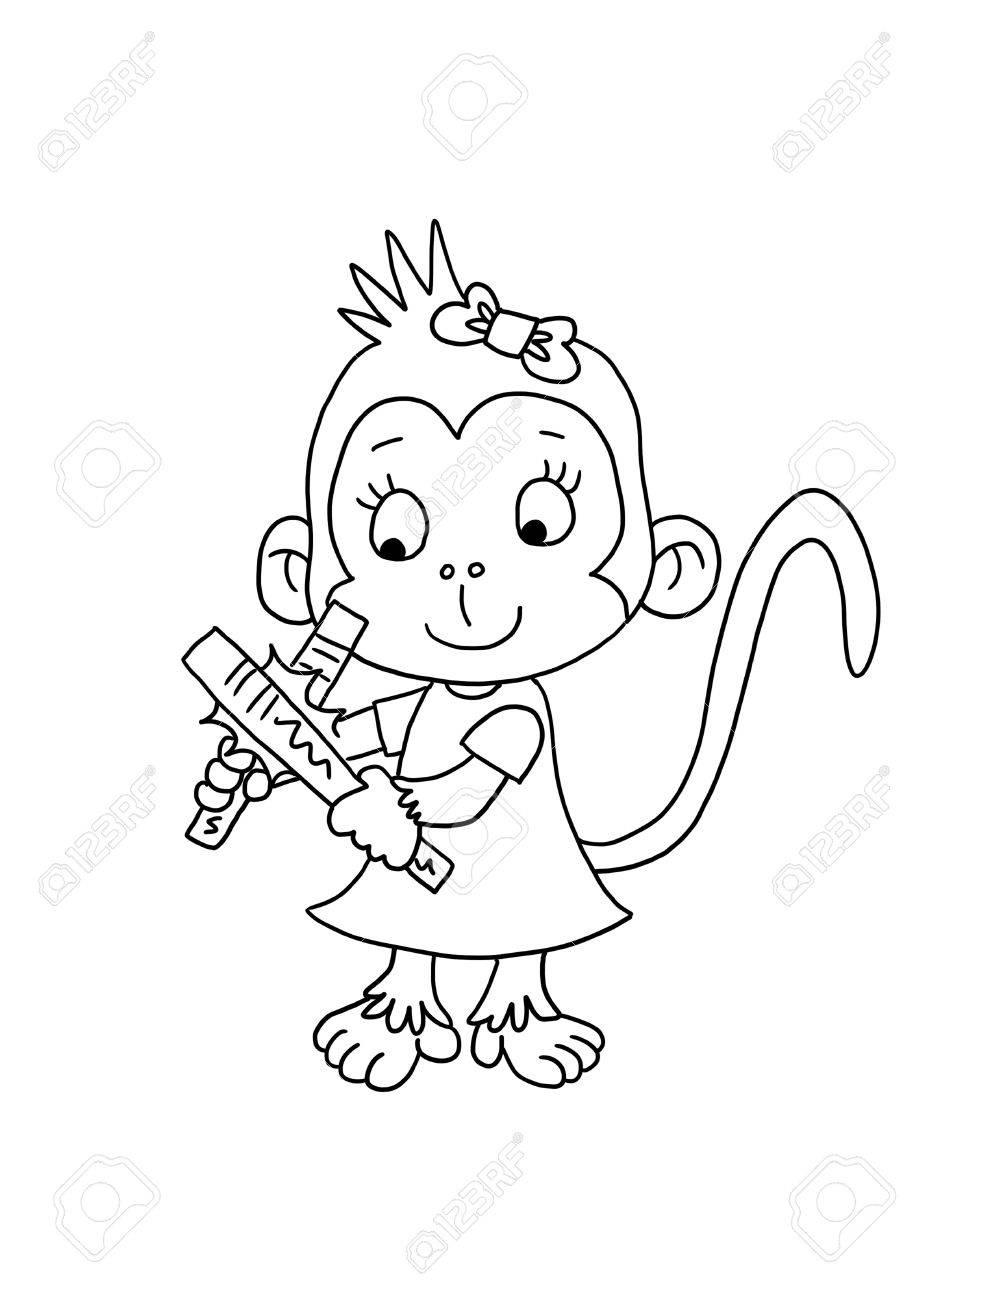 Netter Affe Mädchen Mit Clap Sticks - Malvorlagen Lizenzfreie Fotos ...